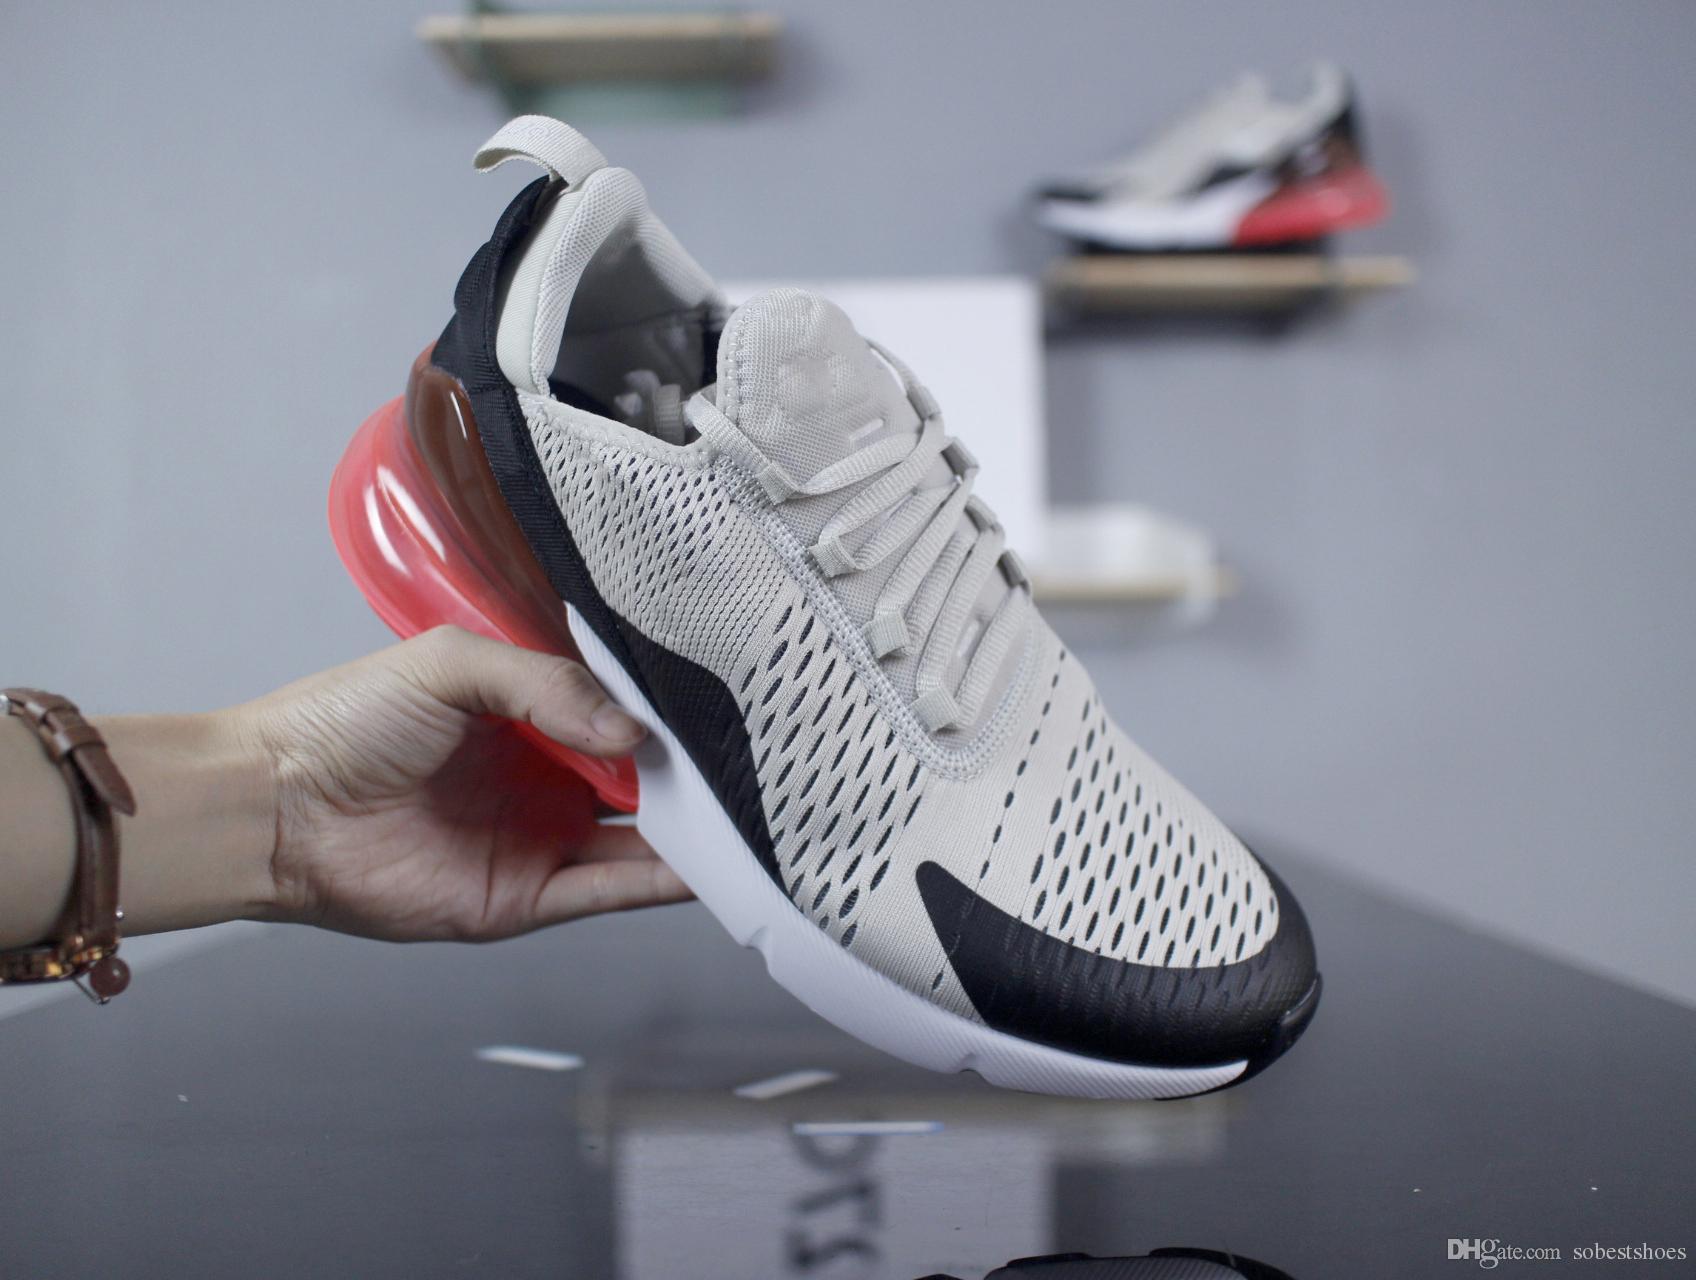 sports shoes 50333 0b23f Acheter Nike Air Max Nike 270 Shoes Supreme Off White Vapormax 270  Nouveautés Blanc Blanc Noir Triple Black AH8050 Chaussures De Course Pour  Entraîneur ...